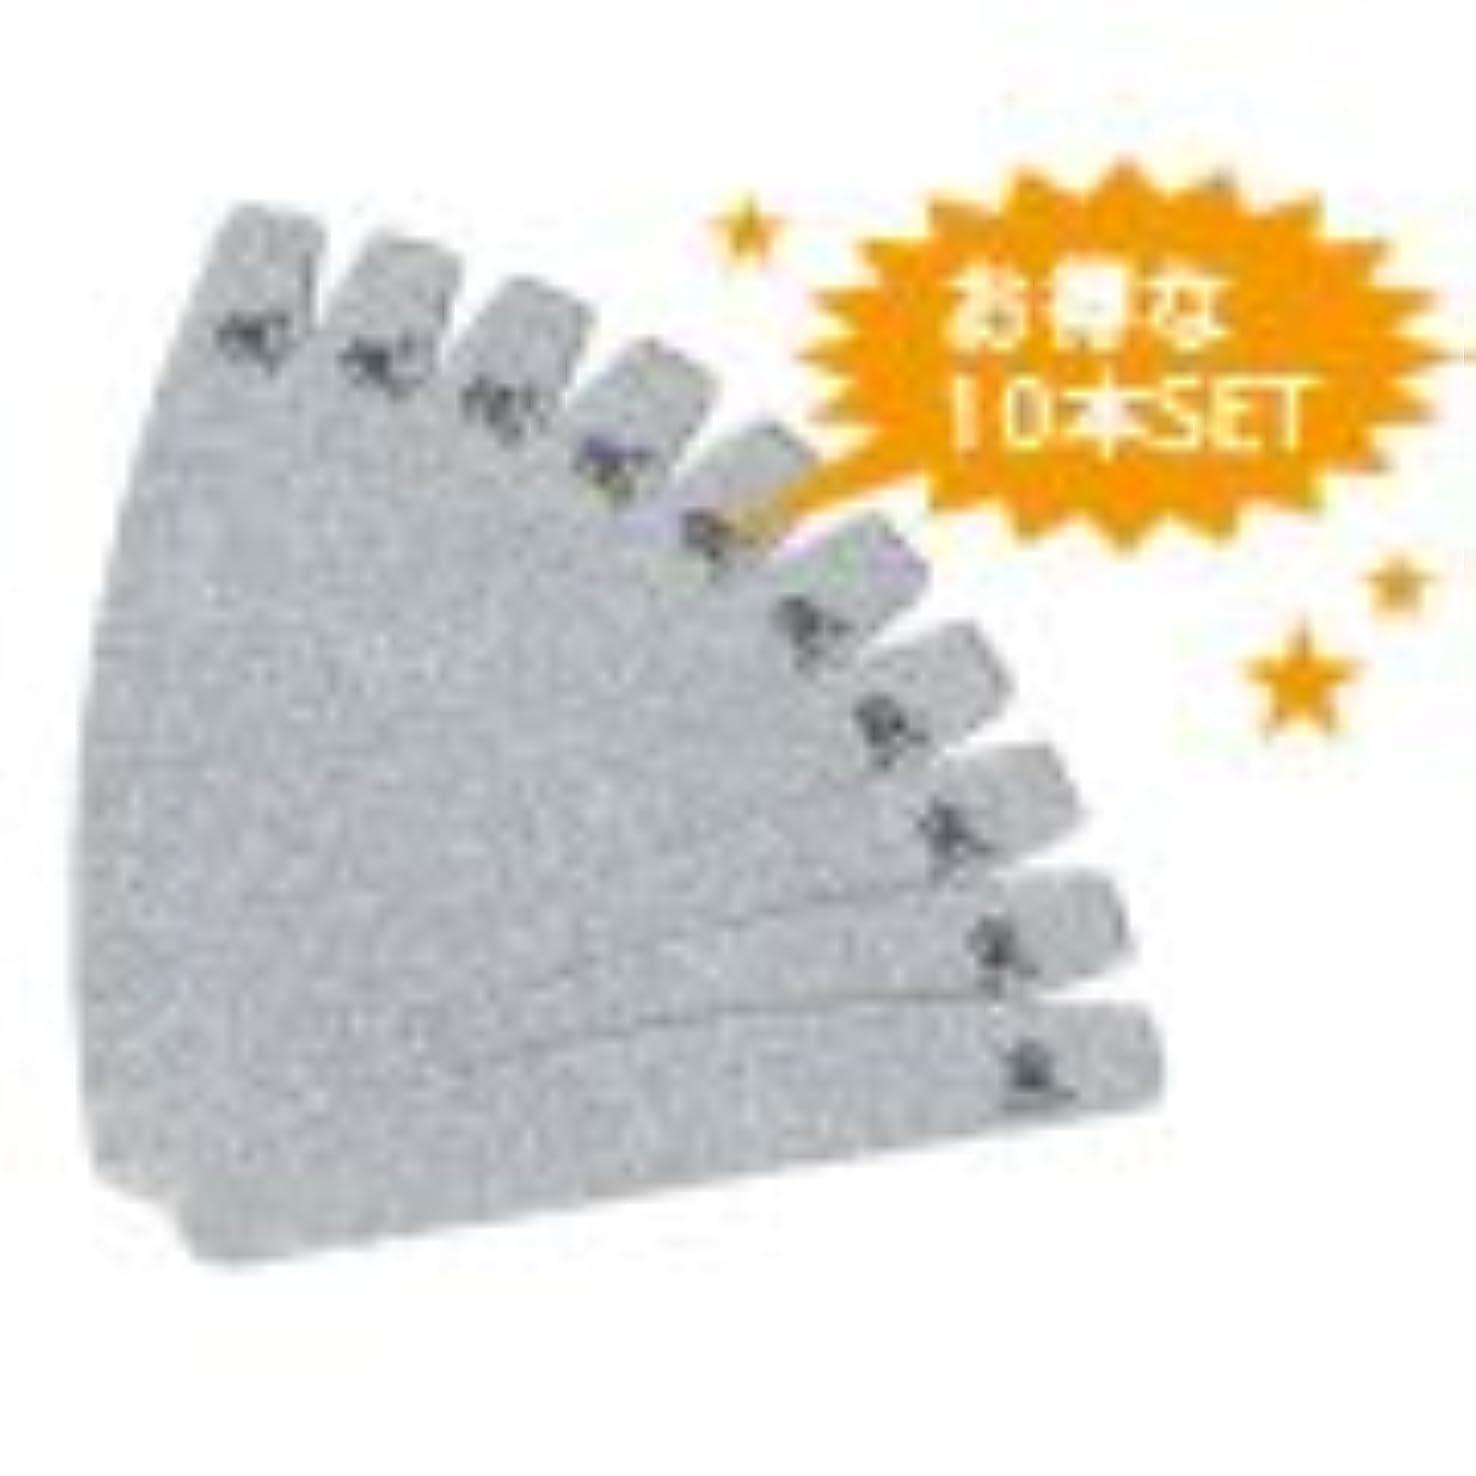 バッジ上げる羽Micrea(ミクレア) プロフェッショナルファイル バリューパック ムーン 240G 10本入